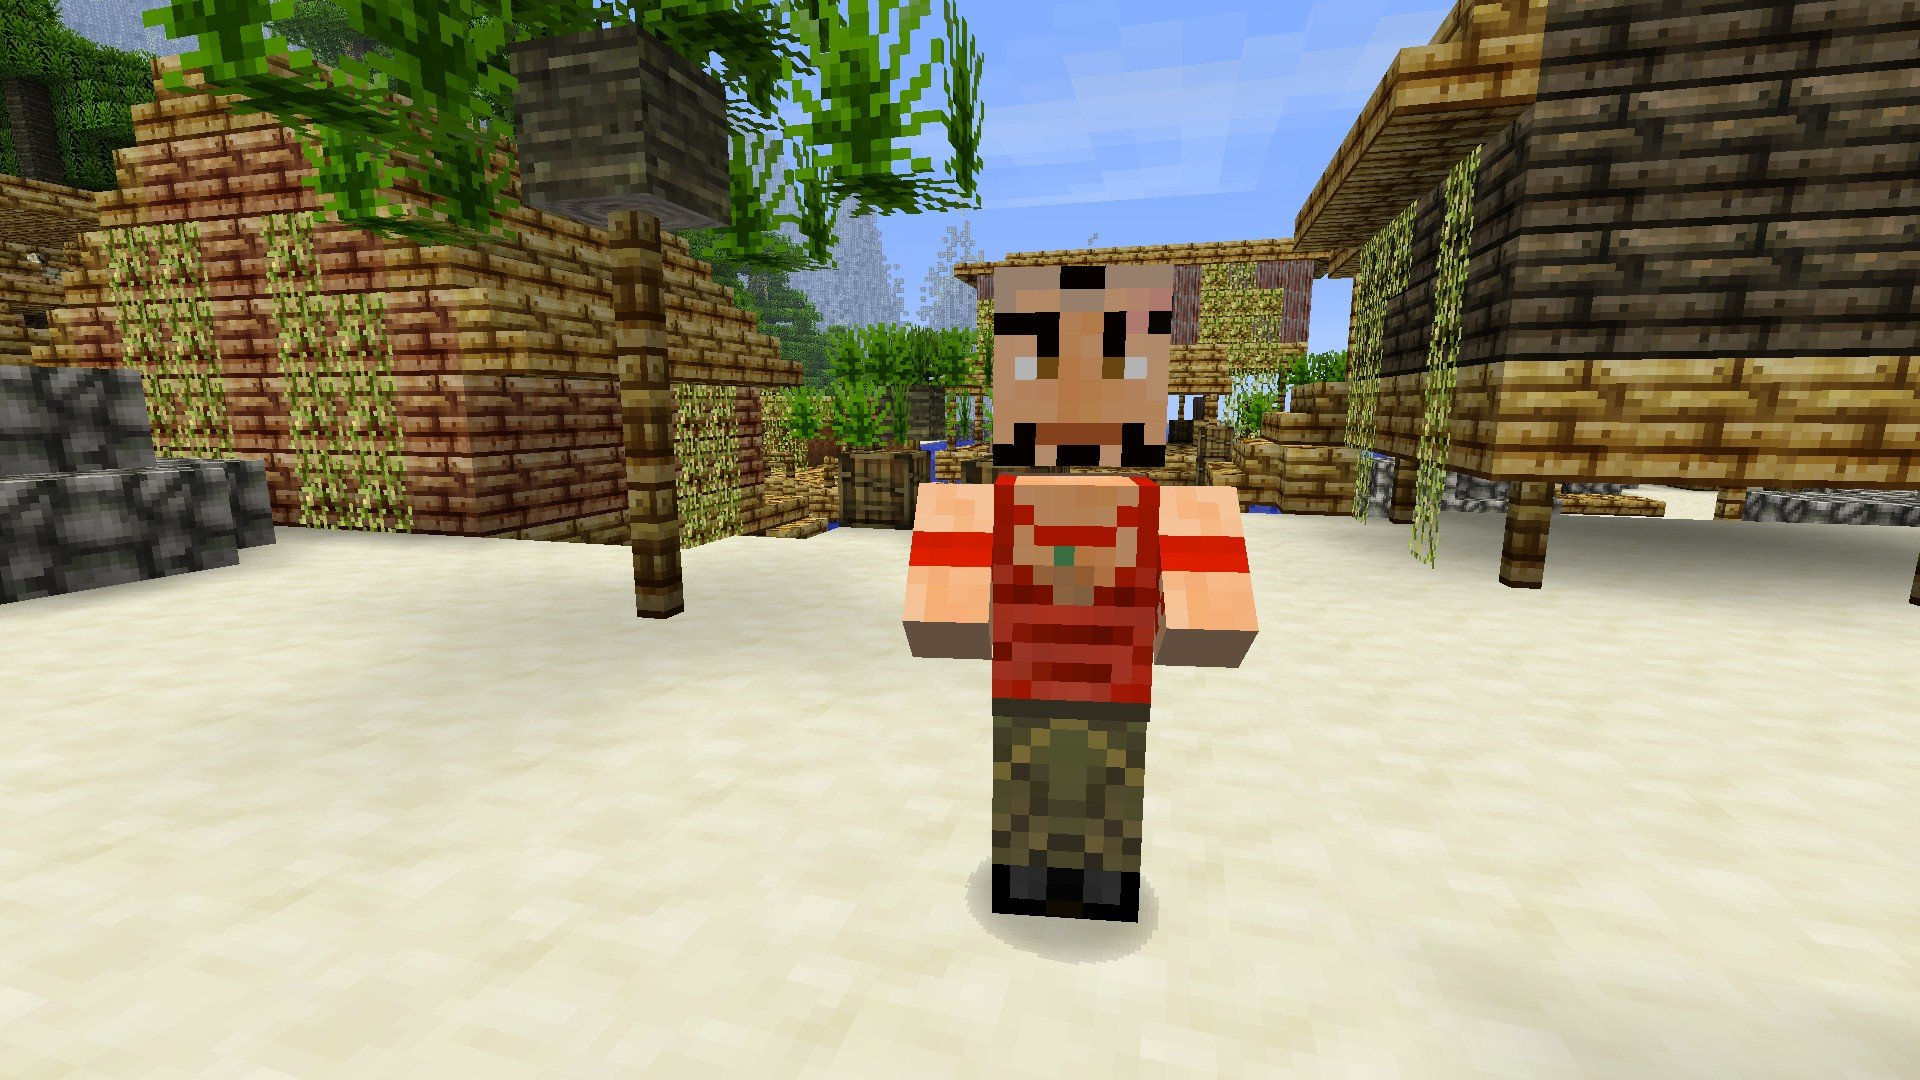 Мод на девушку для Minecraft PE 0.8.1 » Скачать моды для ...